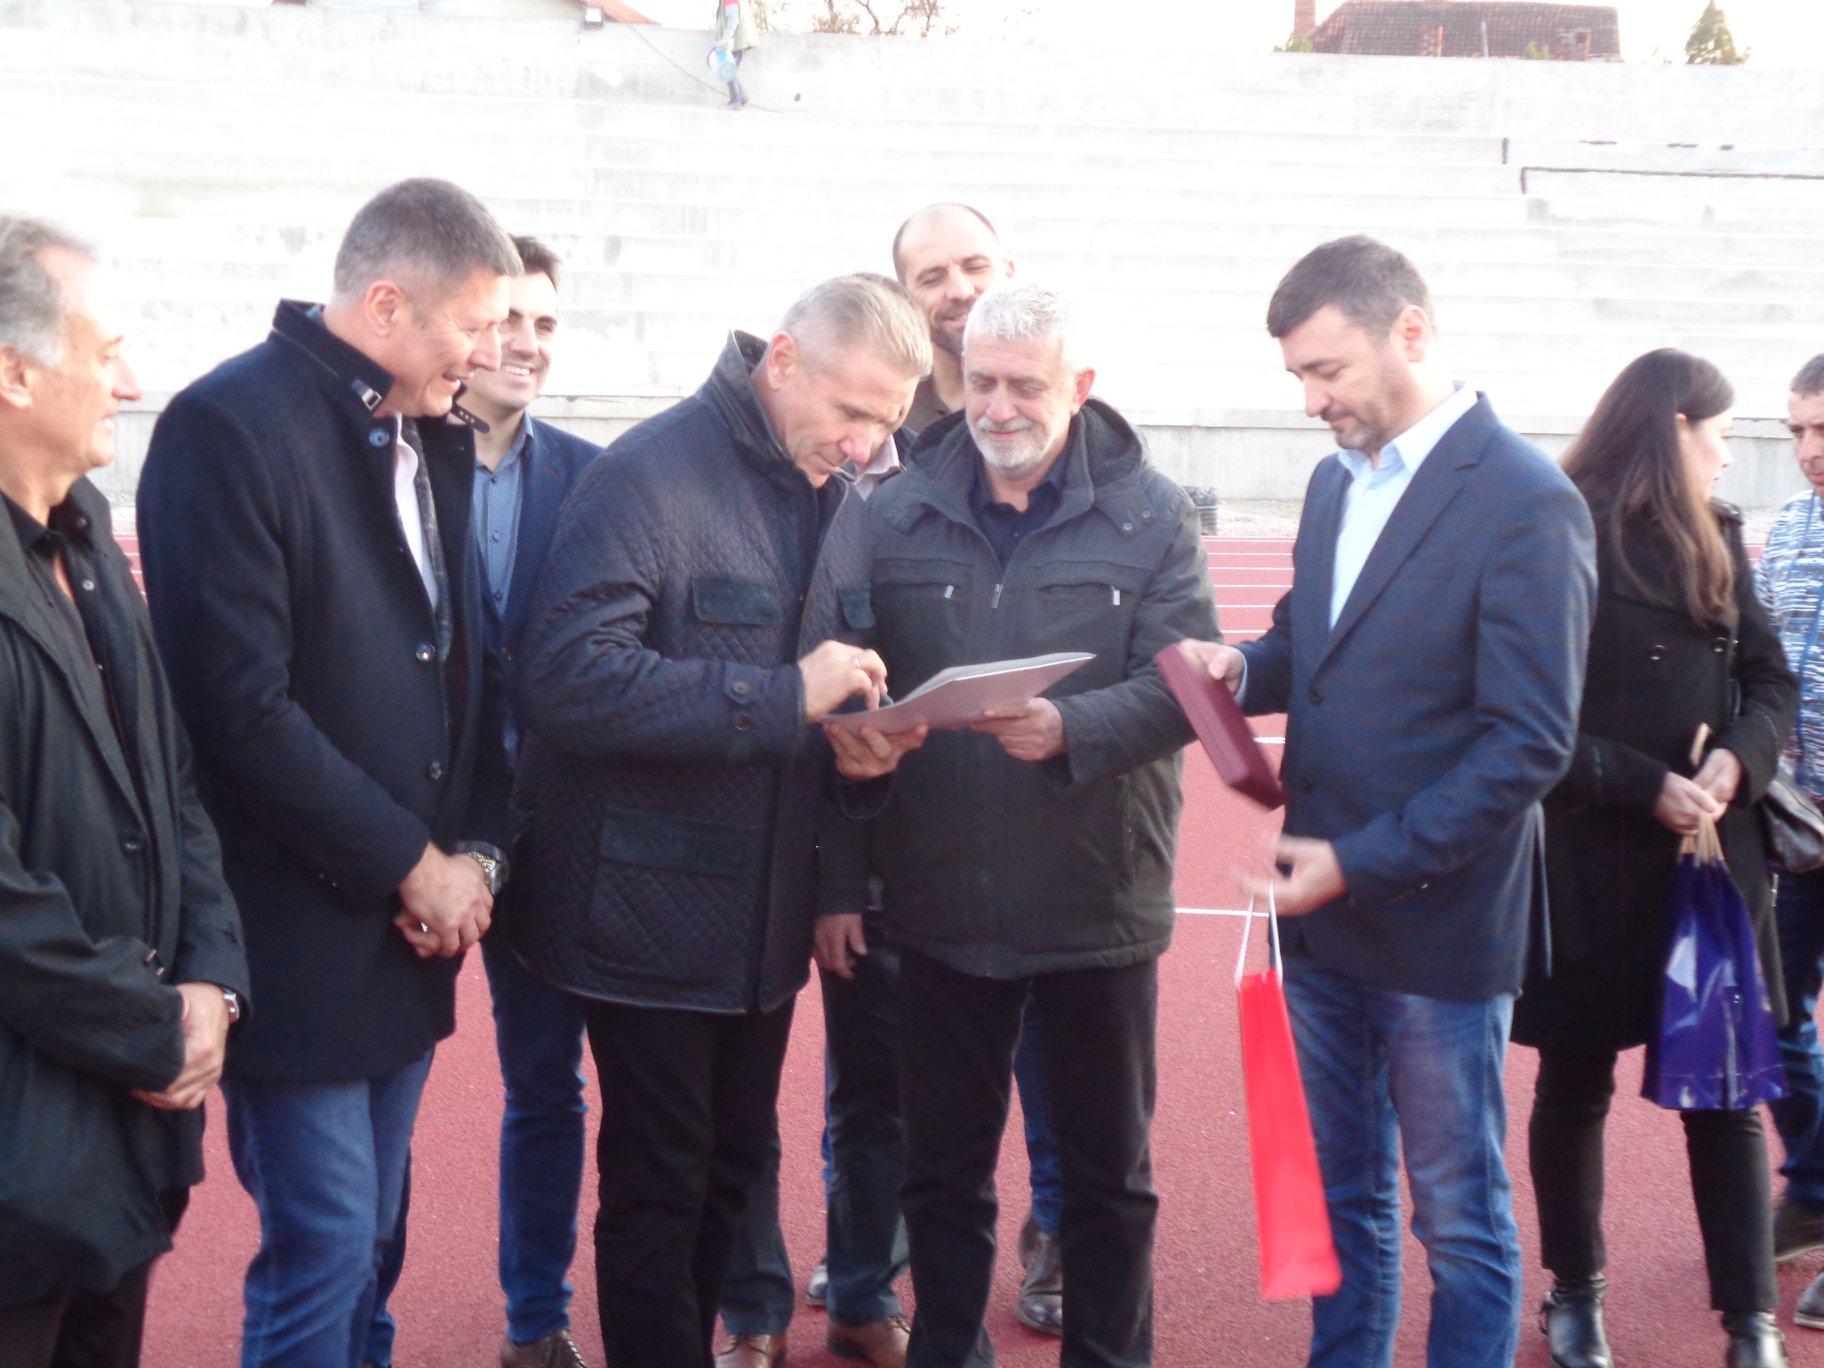 Otvaranje atletskog stadiona u Ćupriji: Slobodan Branković, Sergej Bupka, Dragan Životić i Ninoslav Erić